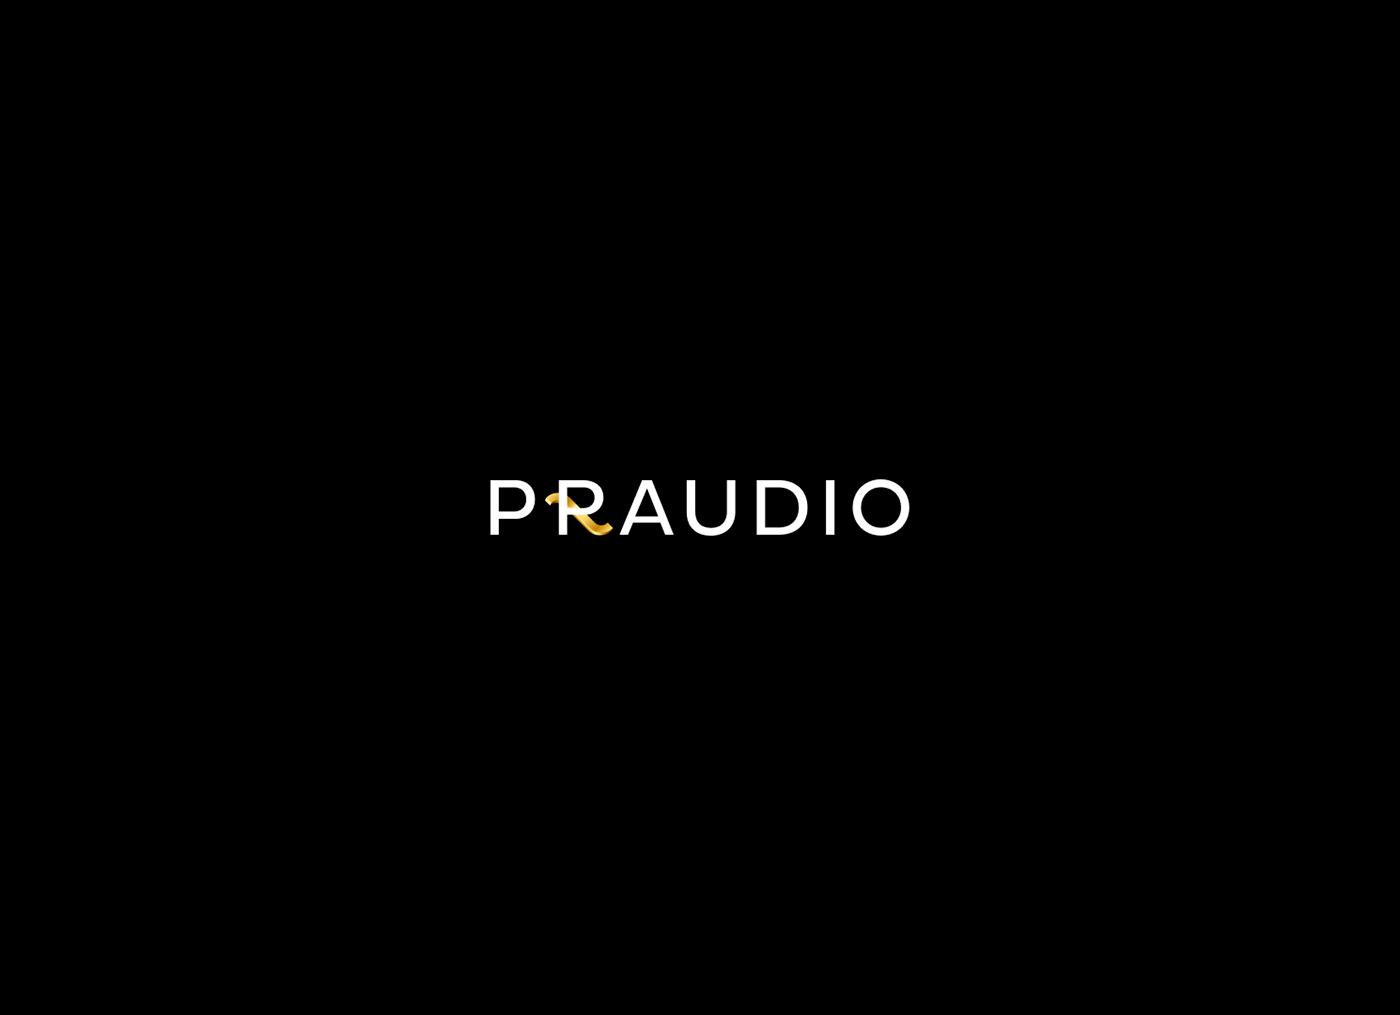 3D,ArtDirection,branding ,logo,luxury,modelling,modern,ux/ui,Webdesign,wtbstudio